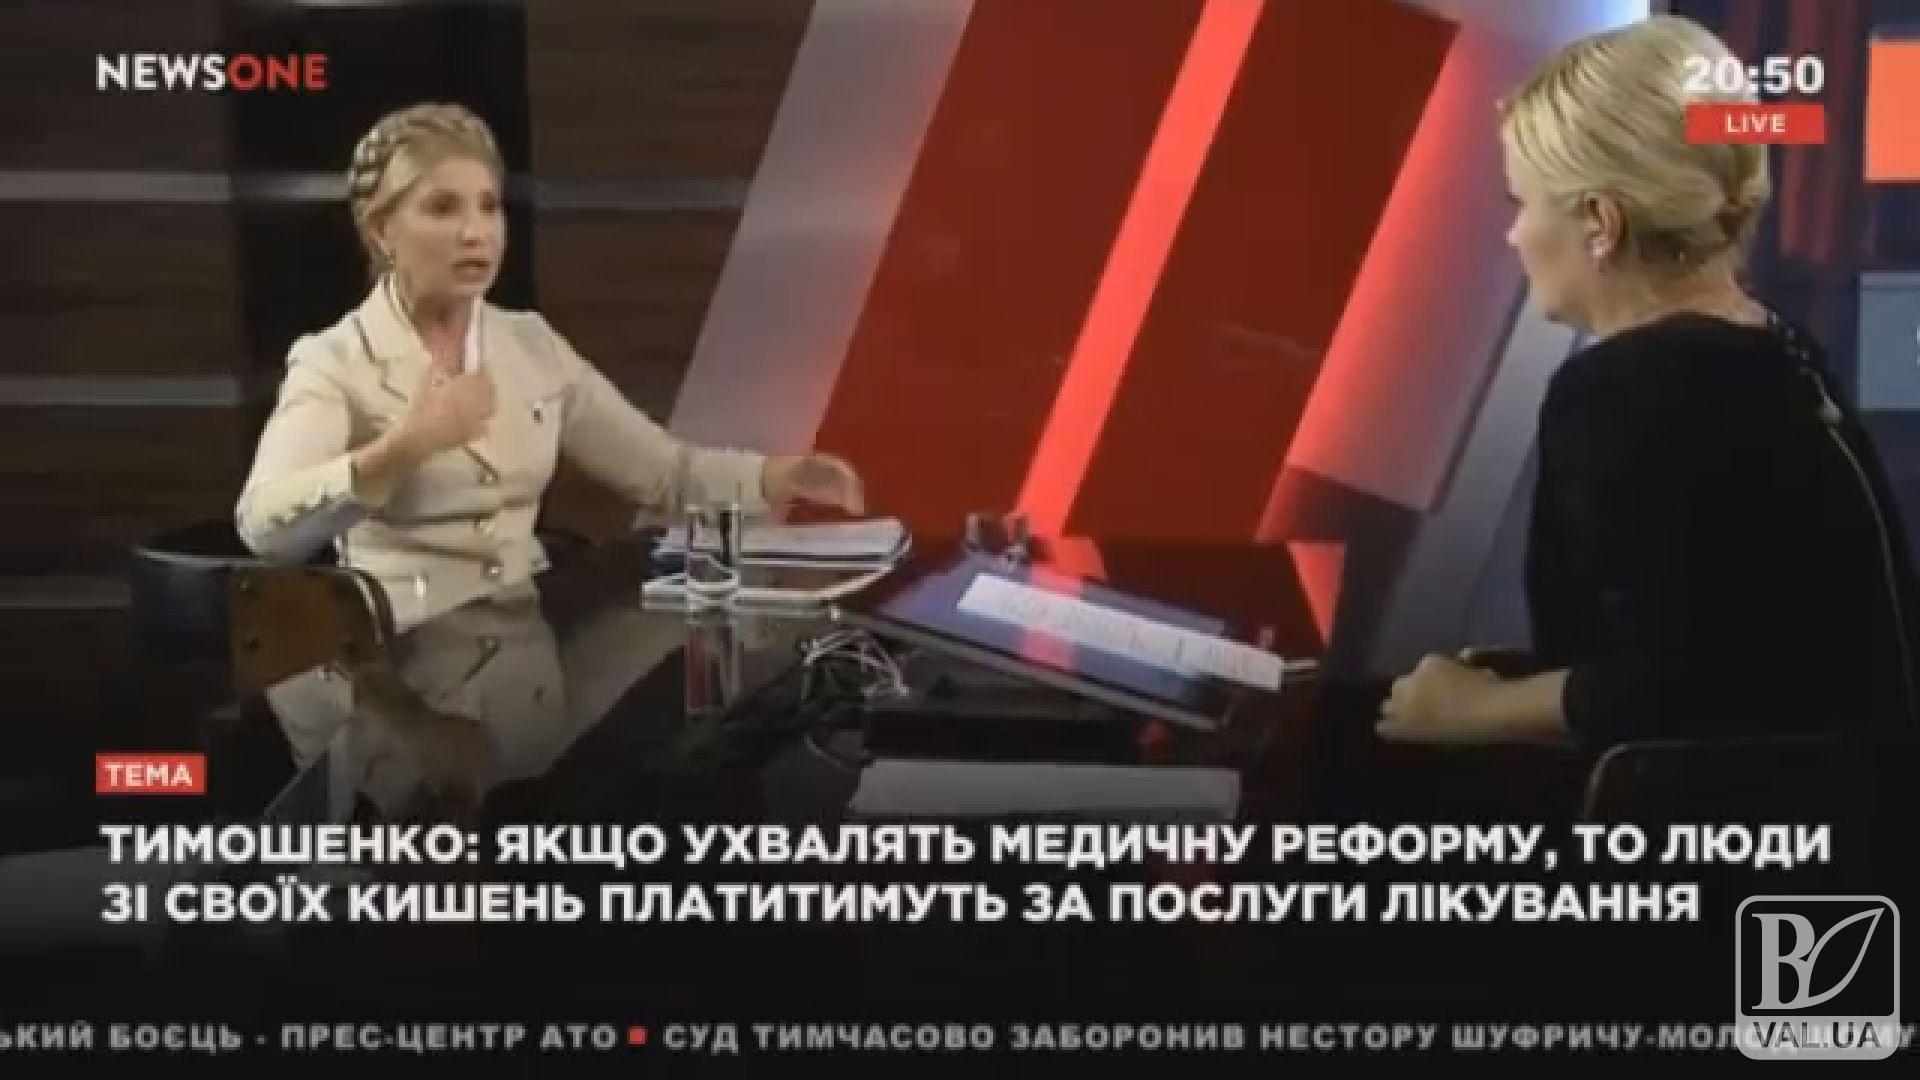 Медицинская реформа может привести к существенному сокращению населения Украины - Юлия Тимошенко. ВИДЕО